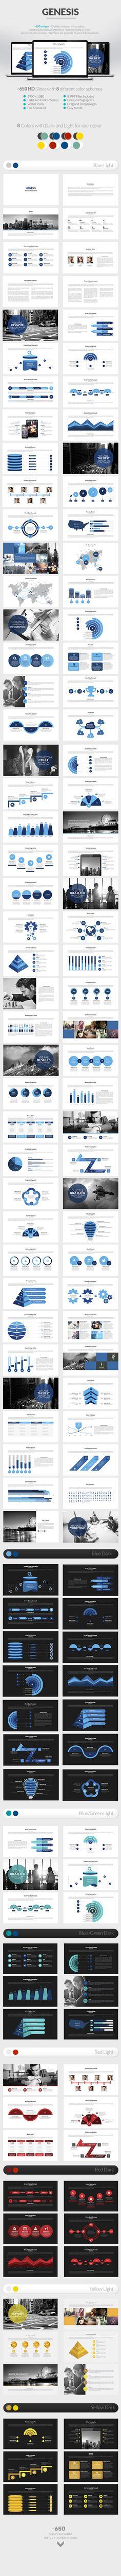 Genesis   Powerpoint Presentation Template #powerpoint #powerpointtemplate #presentation Download: http://graphicriver.net/item/genesis-powerpoint-presentation/8851694?ref=ksioks